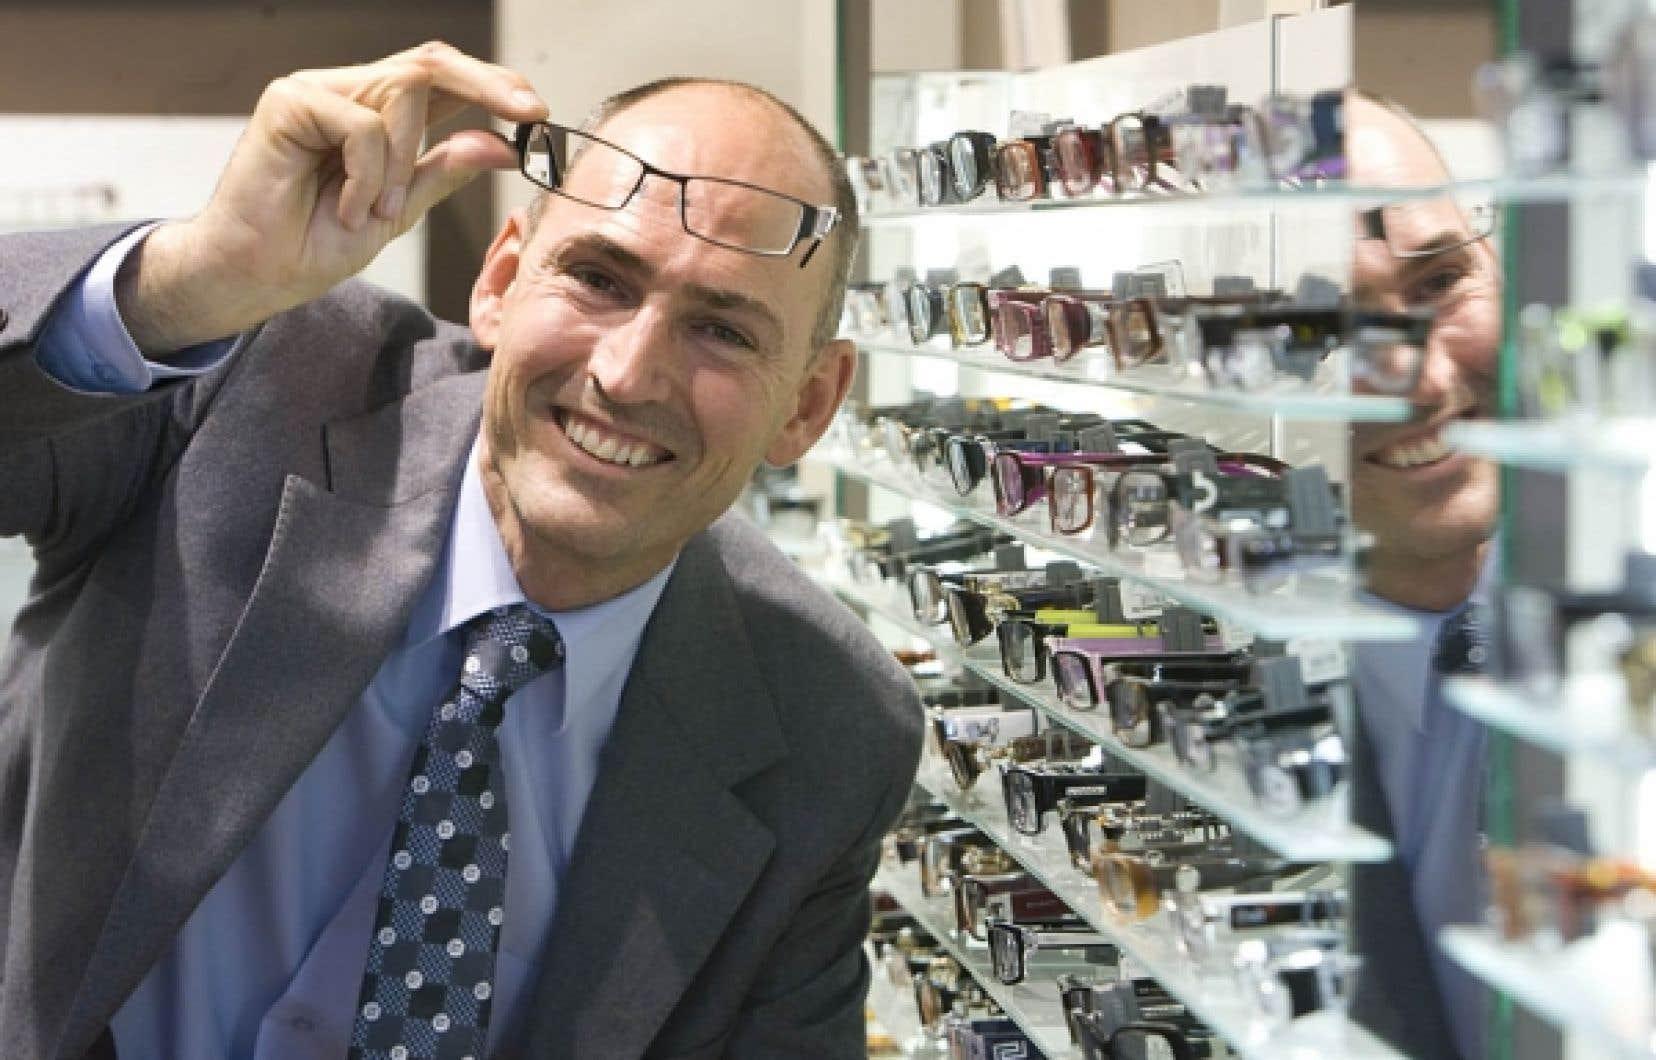 Martial Gagn&eacute;, pr&eacute;sident de New Look depuis 2008, est associ&eacute; &agrave; l&rsquo;entreprise depuis 2001. <br />